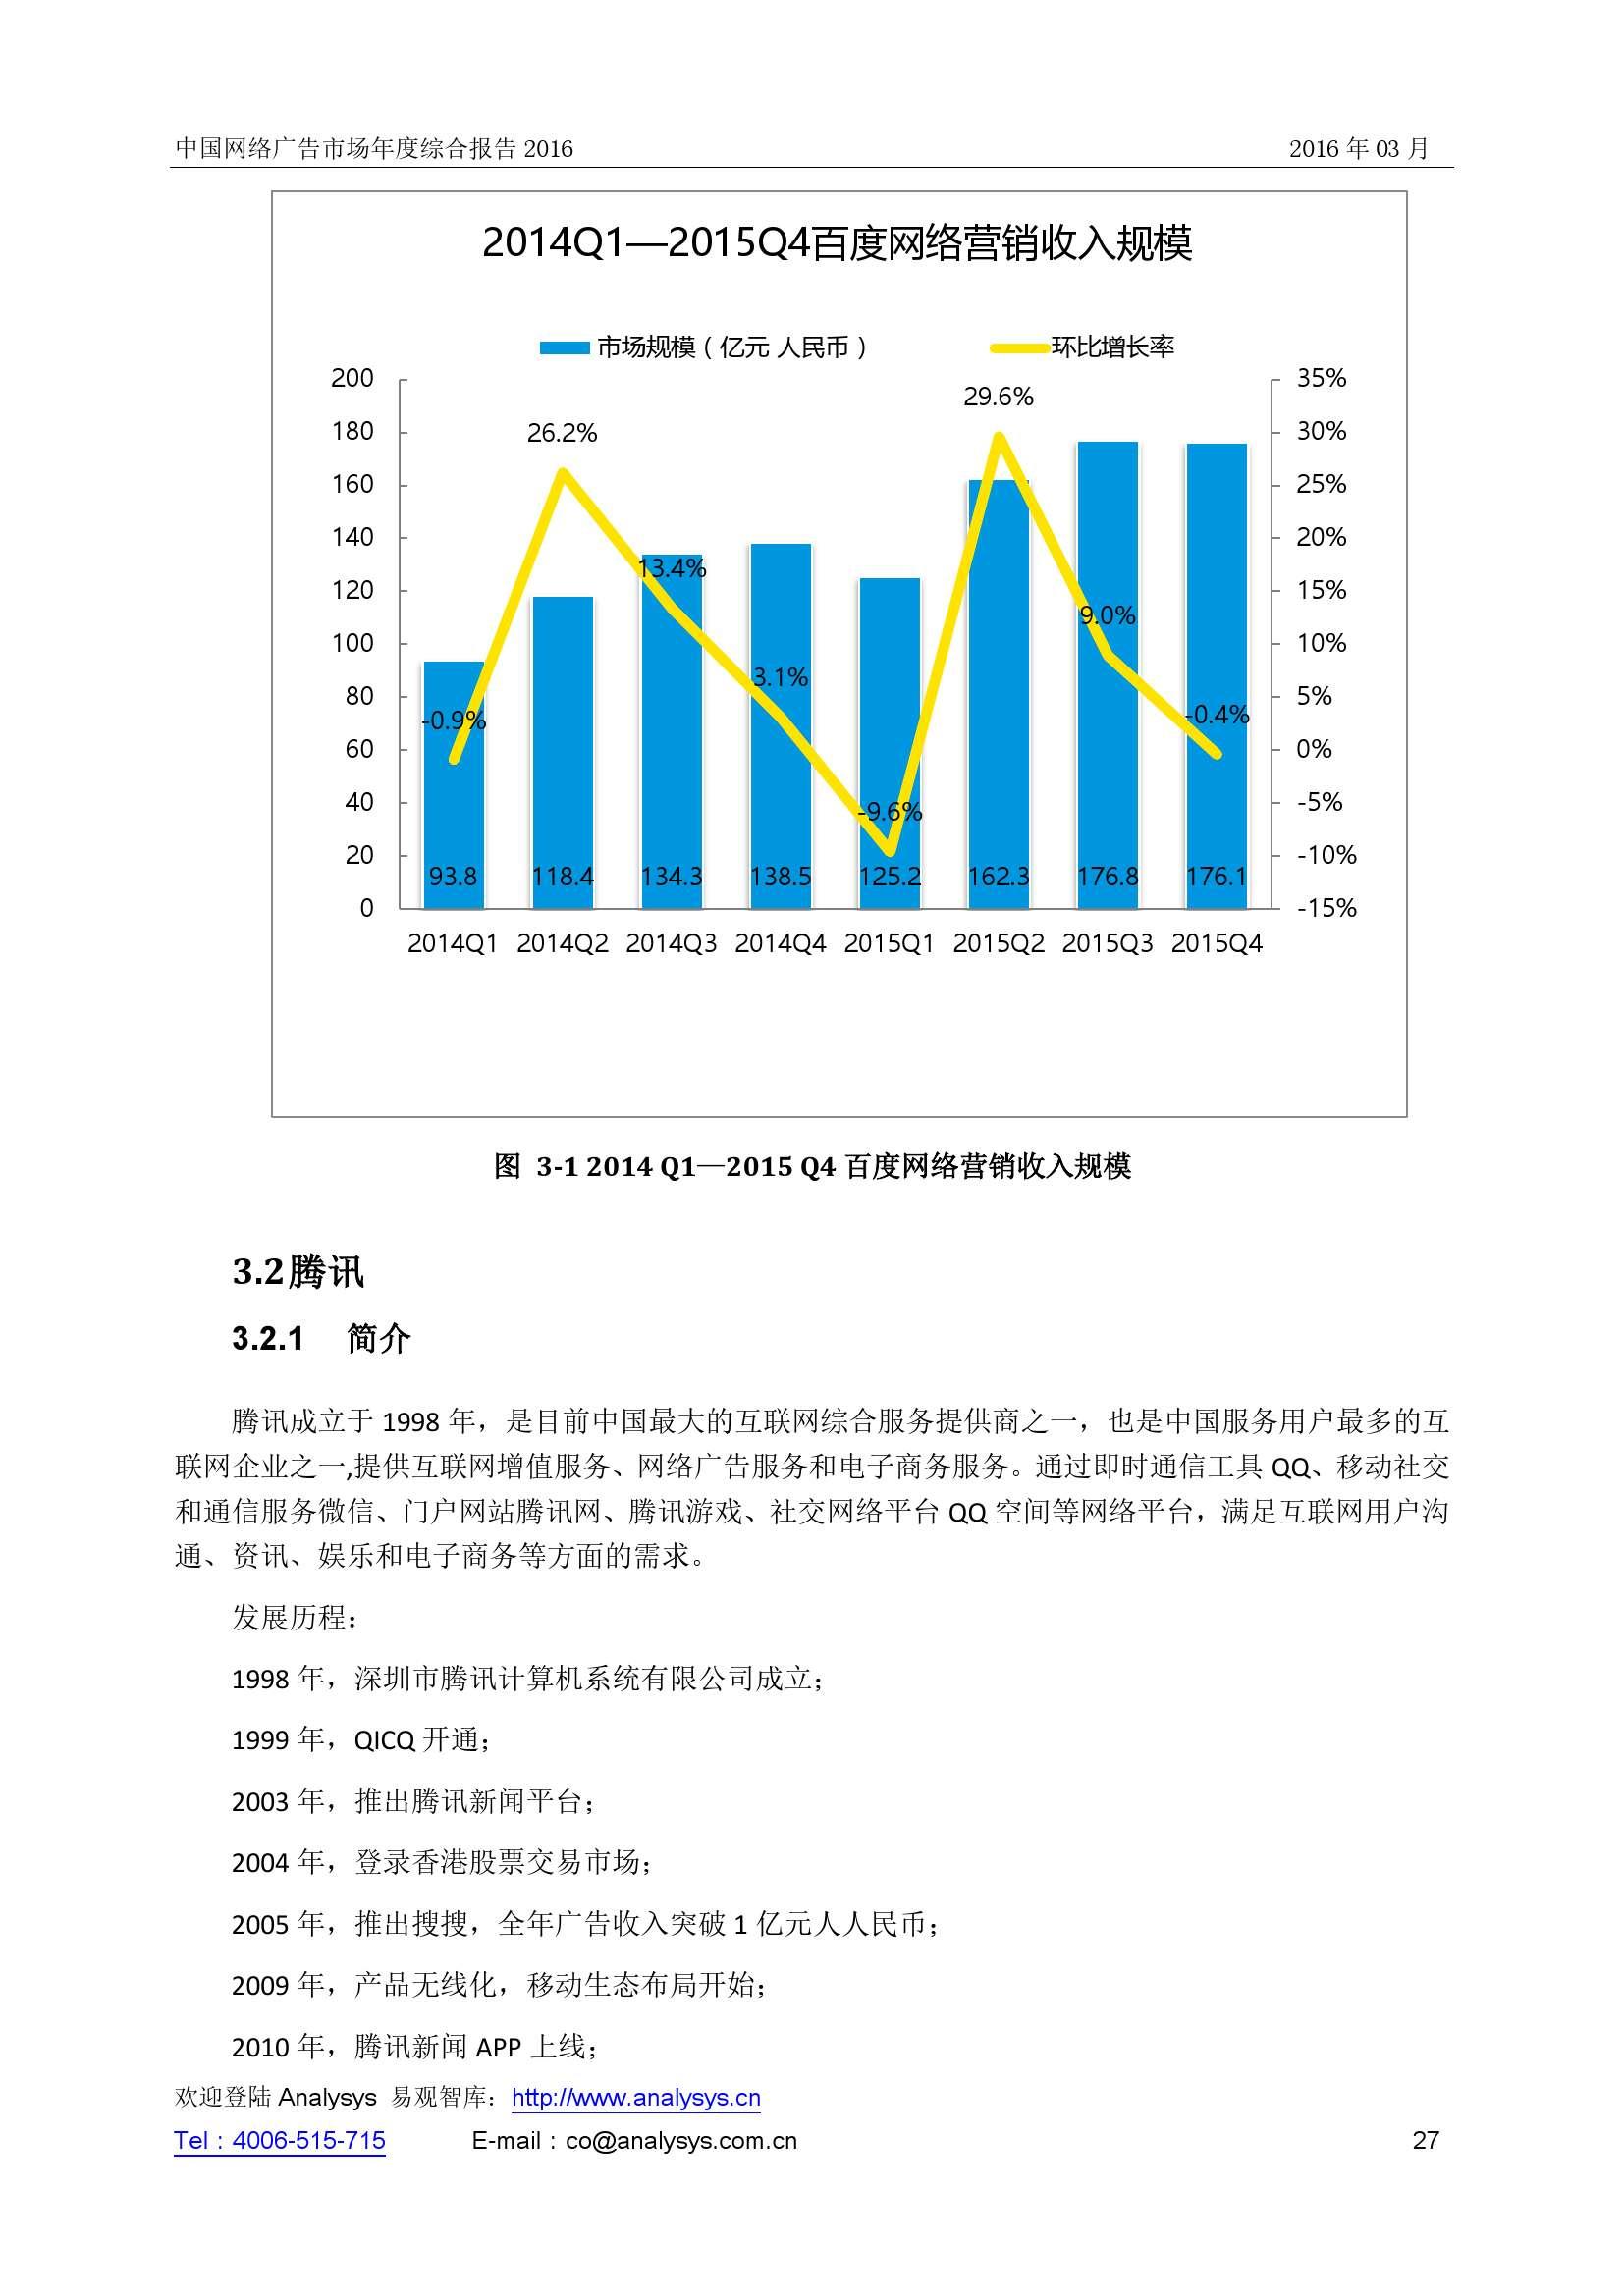 中国网络广告市场年度综合报告2016_000027